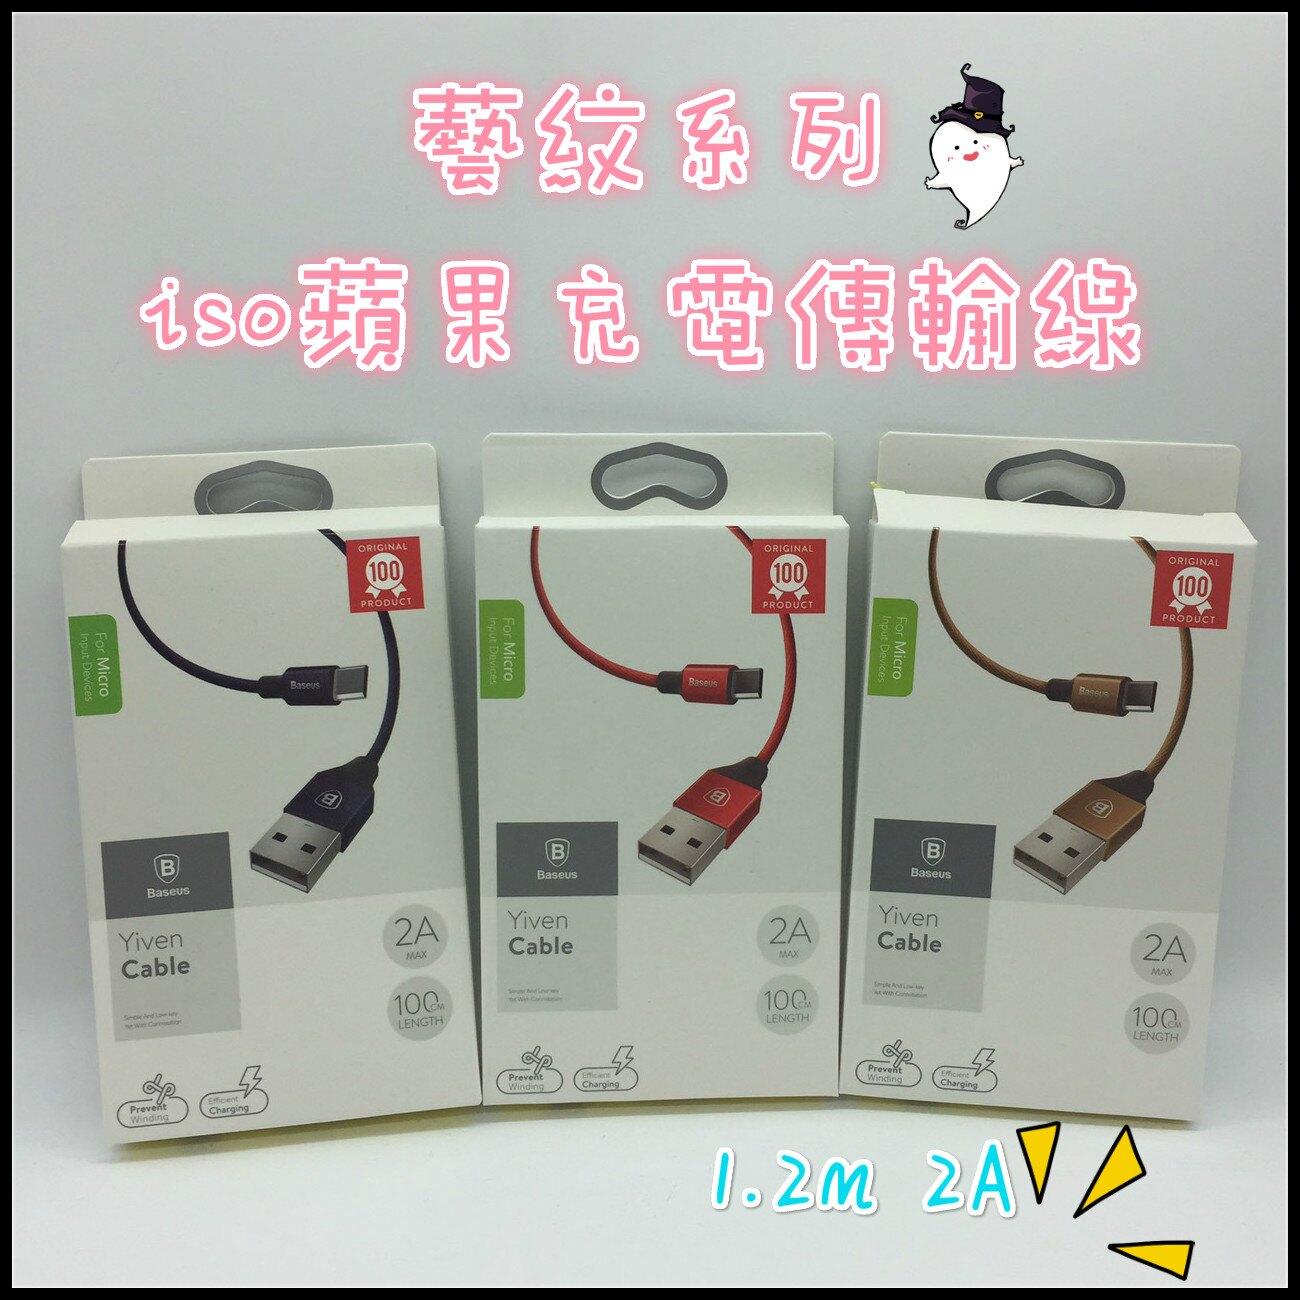 傳輸線 BASEUS 倍思 藝紋系列 IOS 蘋果傳輸線 共四色 2A 1.2M 快充 傳輸線 IPHONE 蘋果 充電 安卓